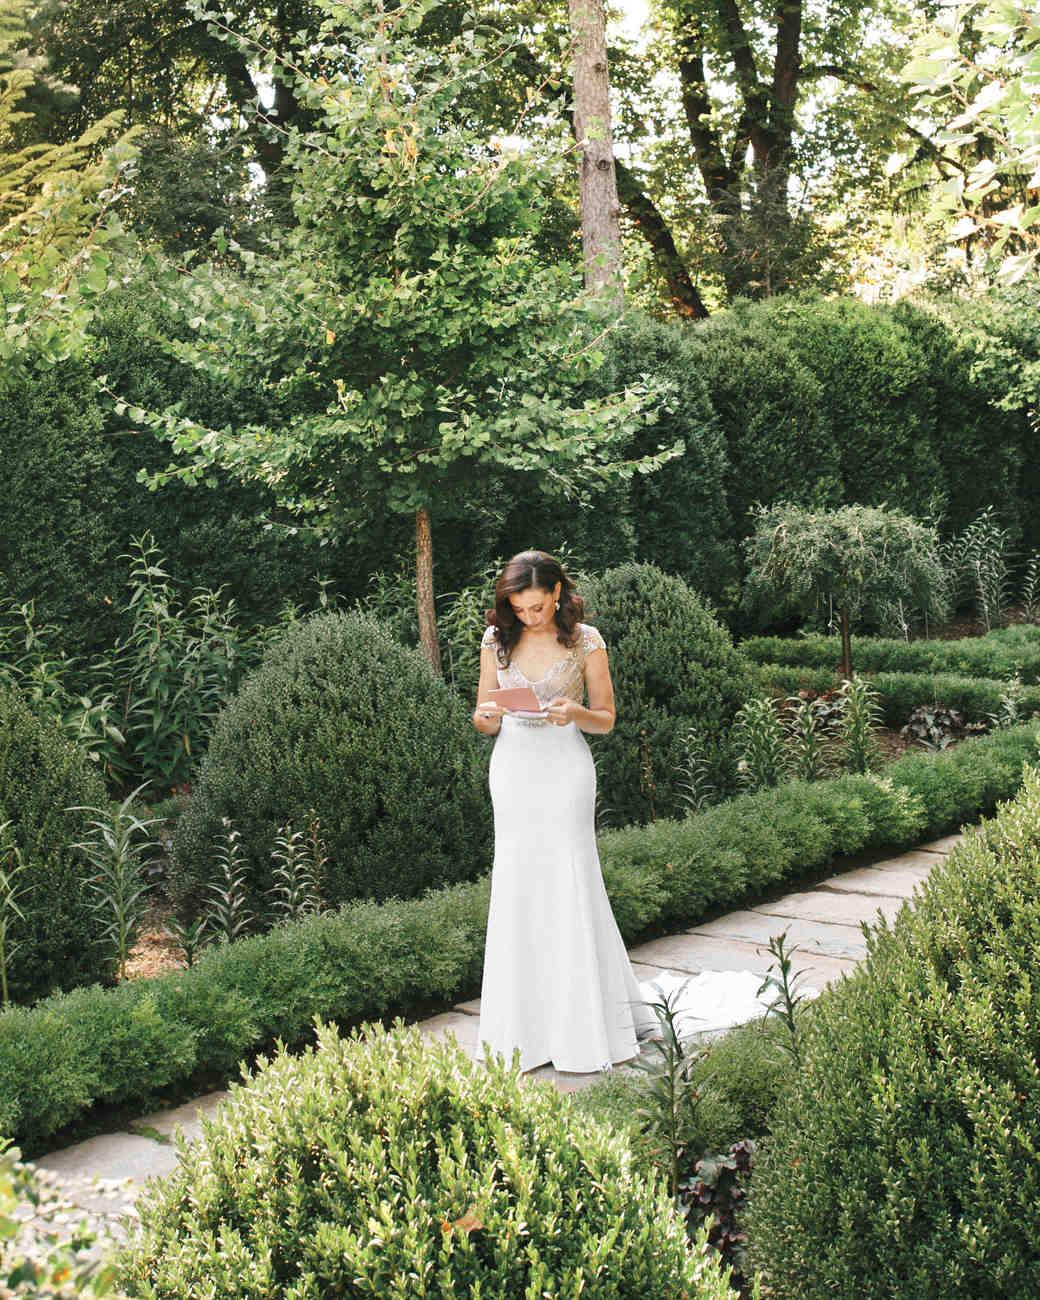 kristina-barrett-wedding-martha-farm-5662-cjl-r-d112650.jpg